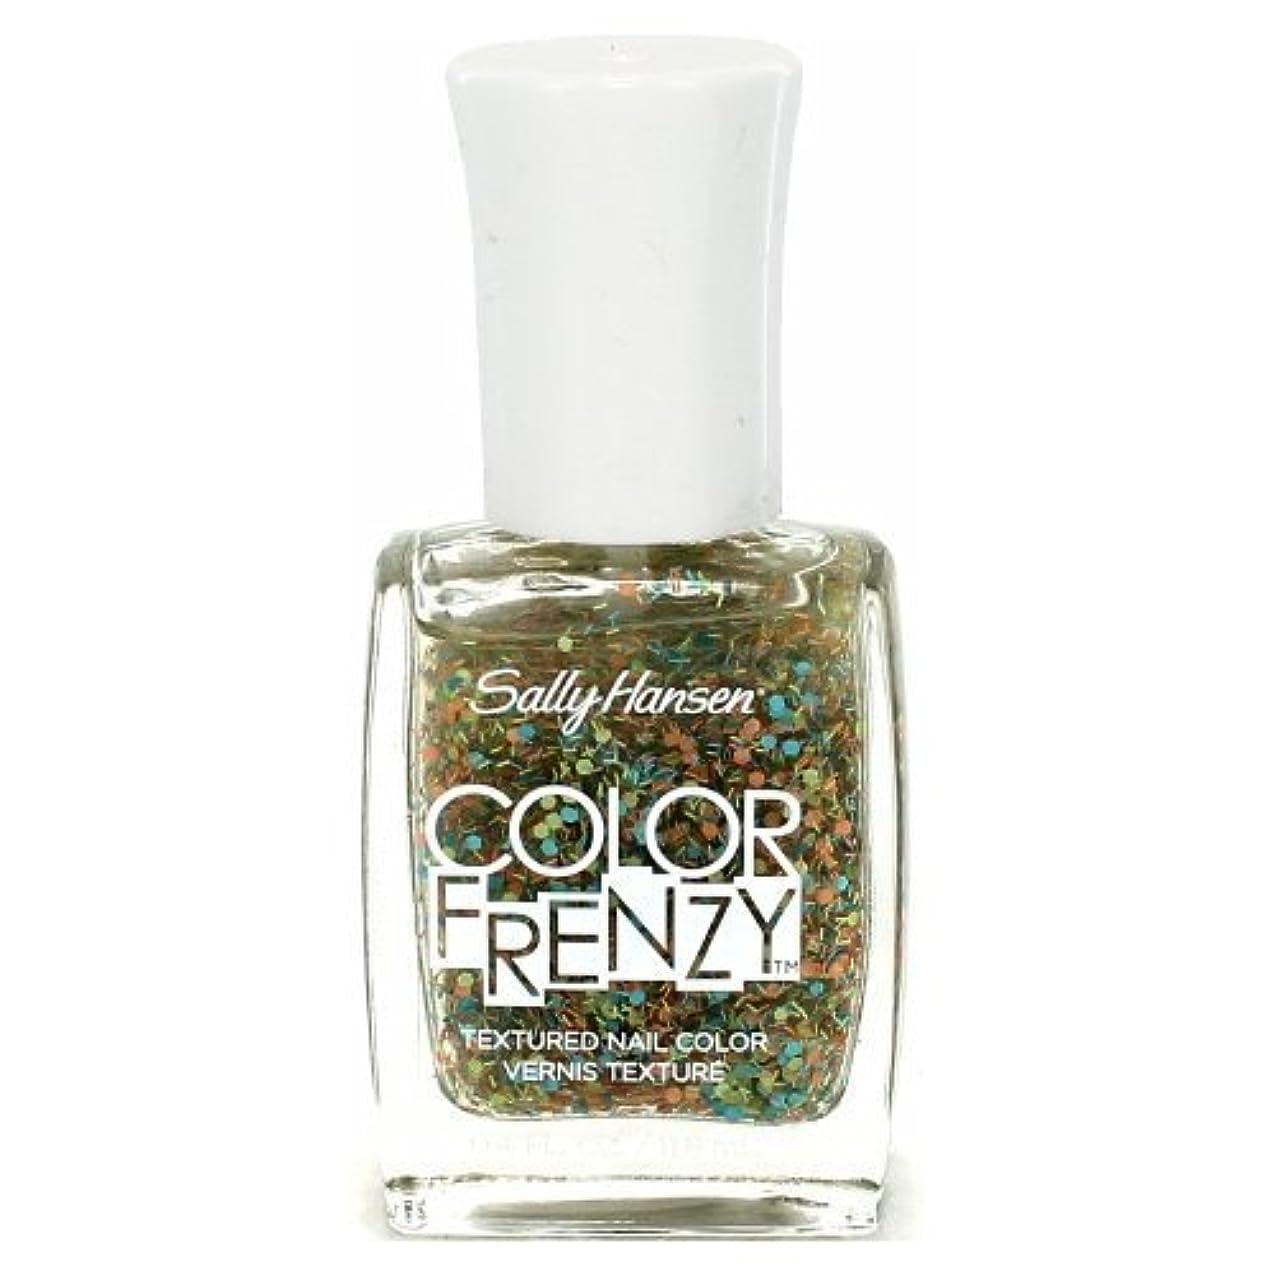 振動させる工夫する踊り子SALLY HANSEN Color Frenzy Textured Nail Color - Paint Party (並行輸入品)